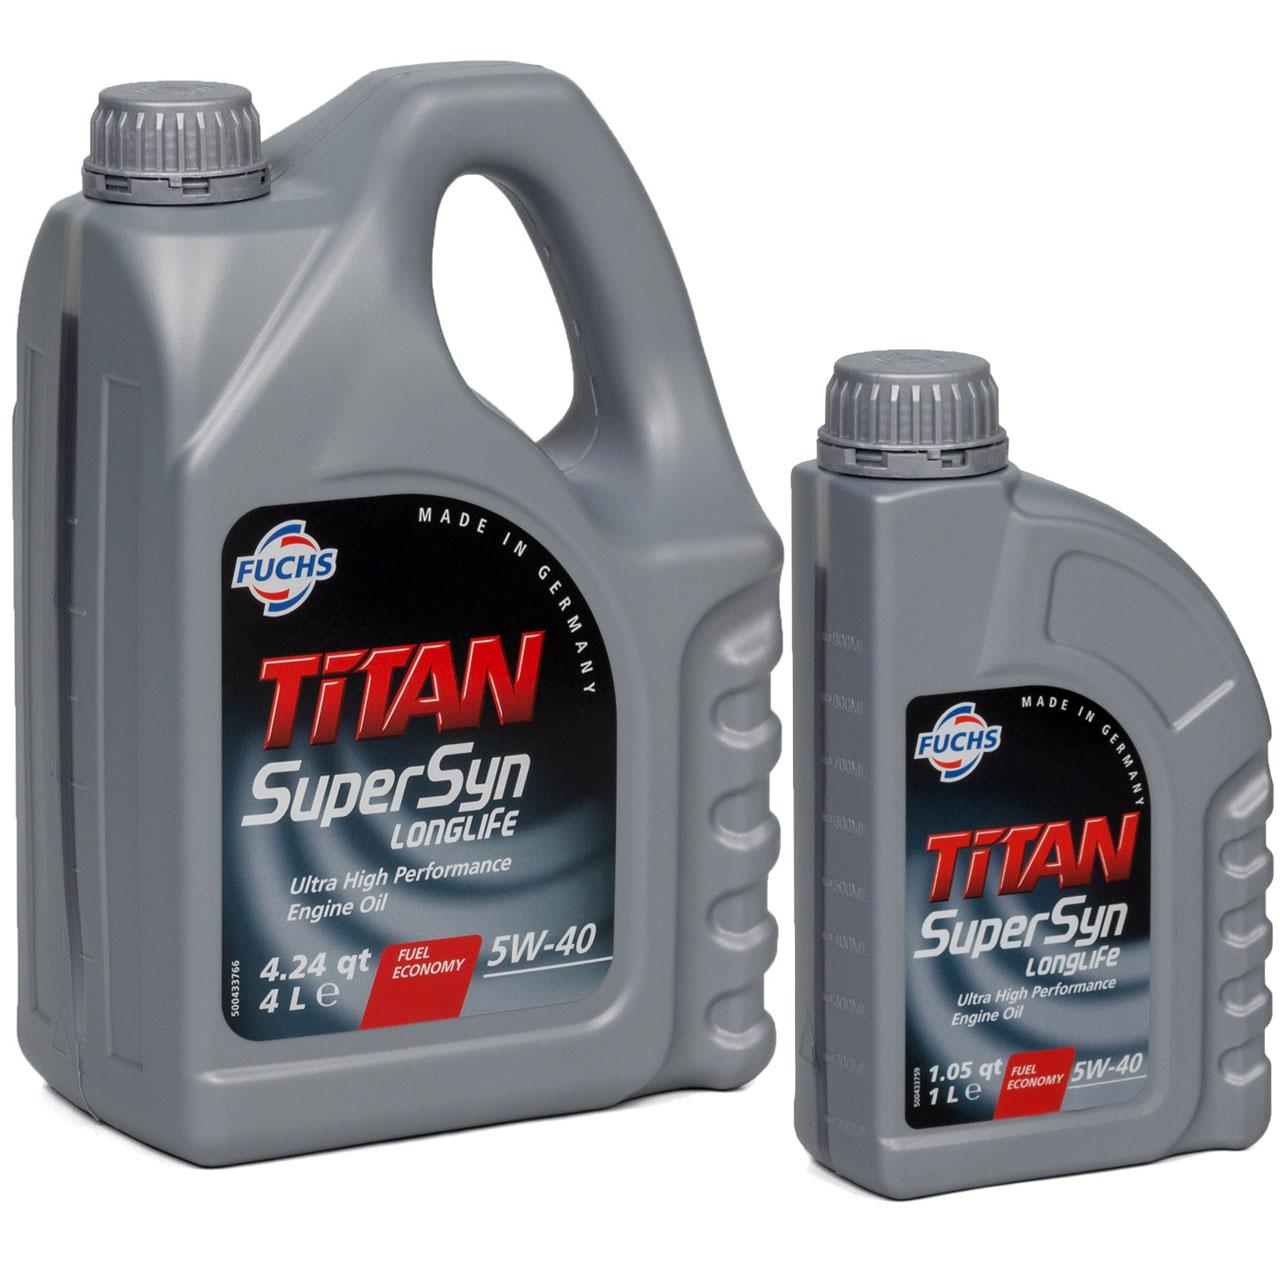 FUCHS Motoröl TITAN SuperSyn LongLife 5W-40 VW 502.00/505.00 MB 229.5 5L 5 LITER